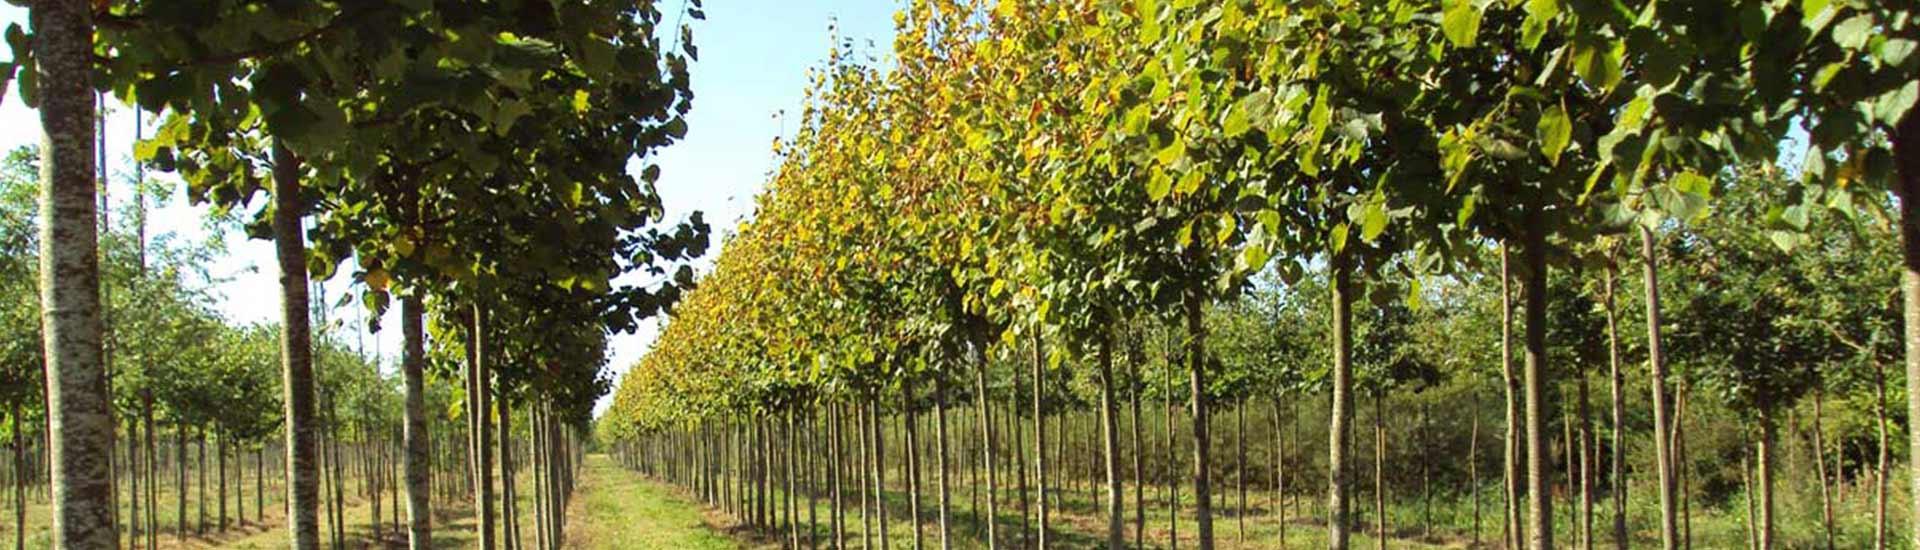 chênes, tilleuls, sophoras, acacia